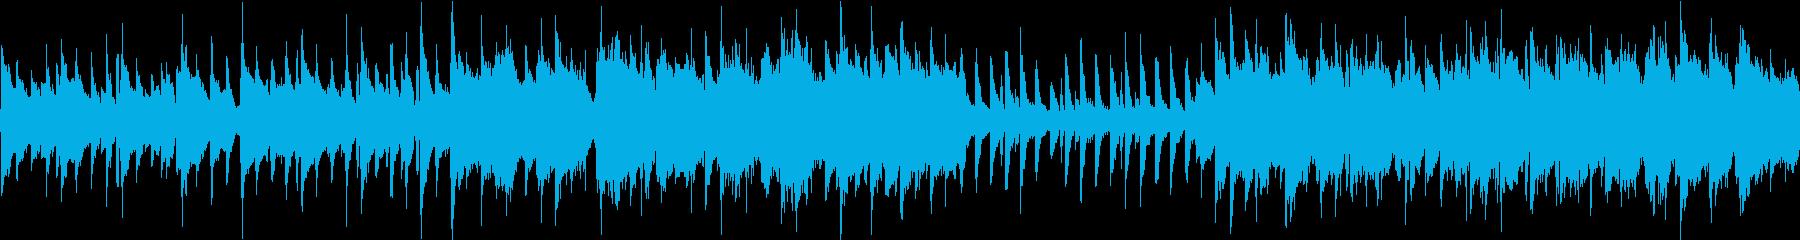 CM音楽っぽいポップで爽やかなBGMですの再生済みの波形